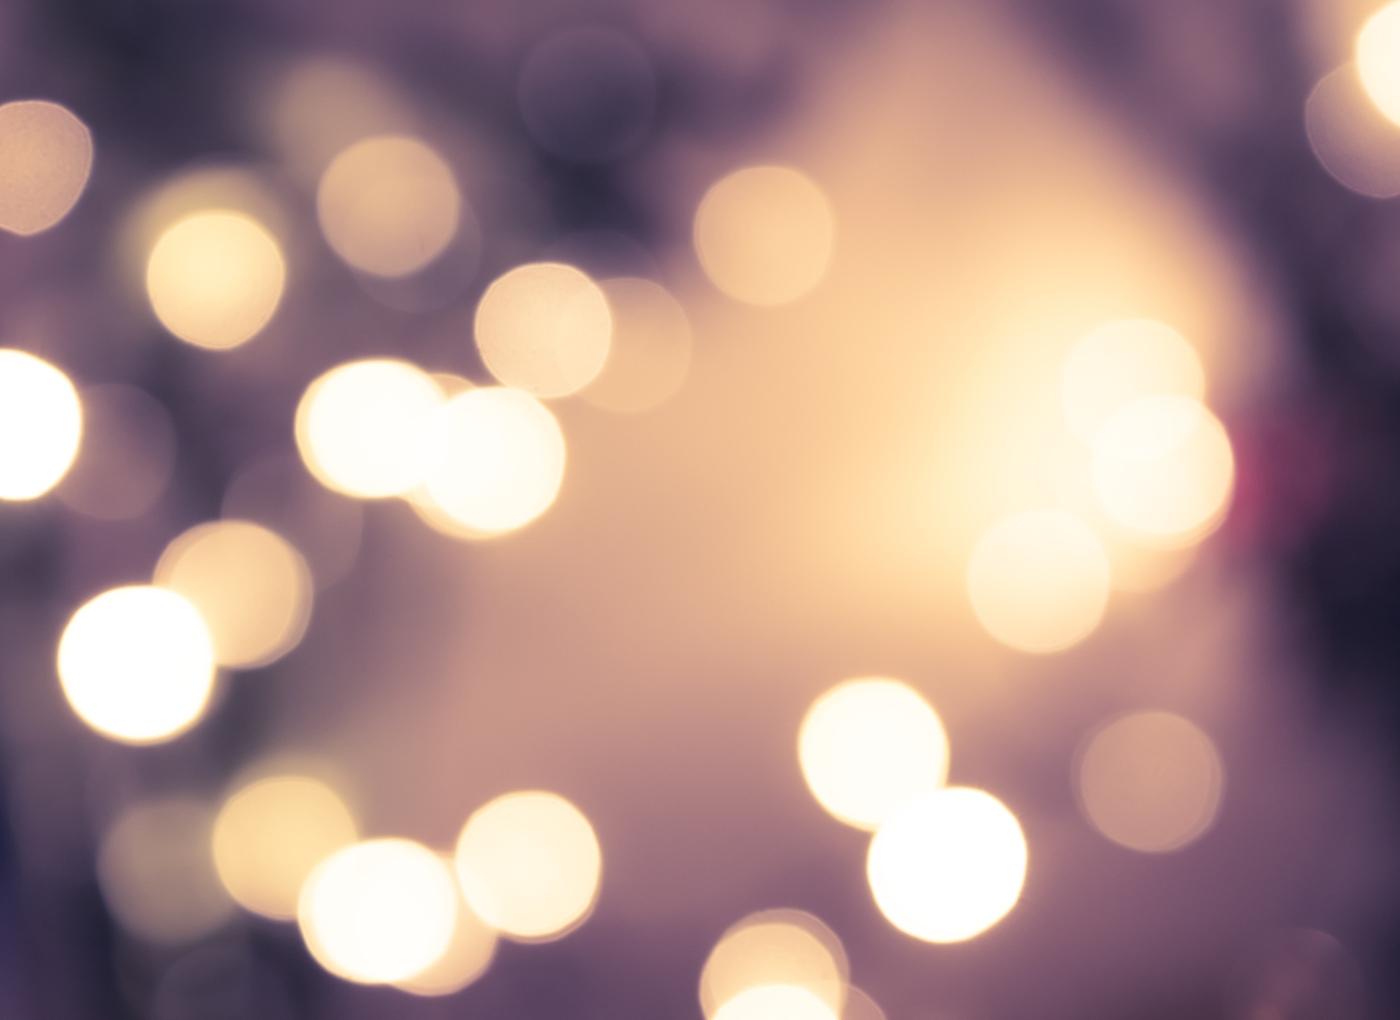 Luzes brilhantes e a piscar podem desencadear ataque epilético